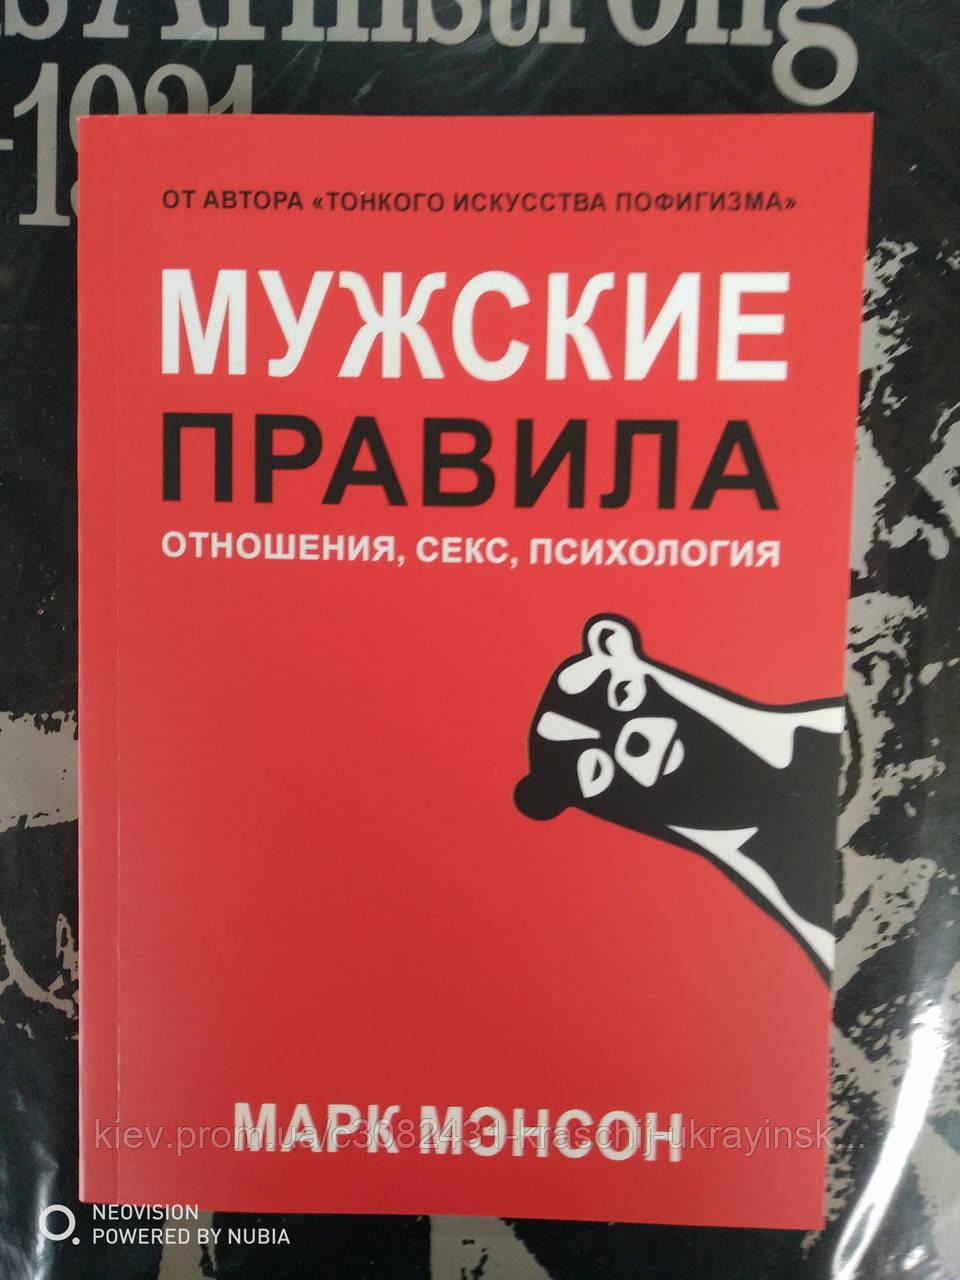 Чоловічі правила.МАРК МЕНСОН